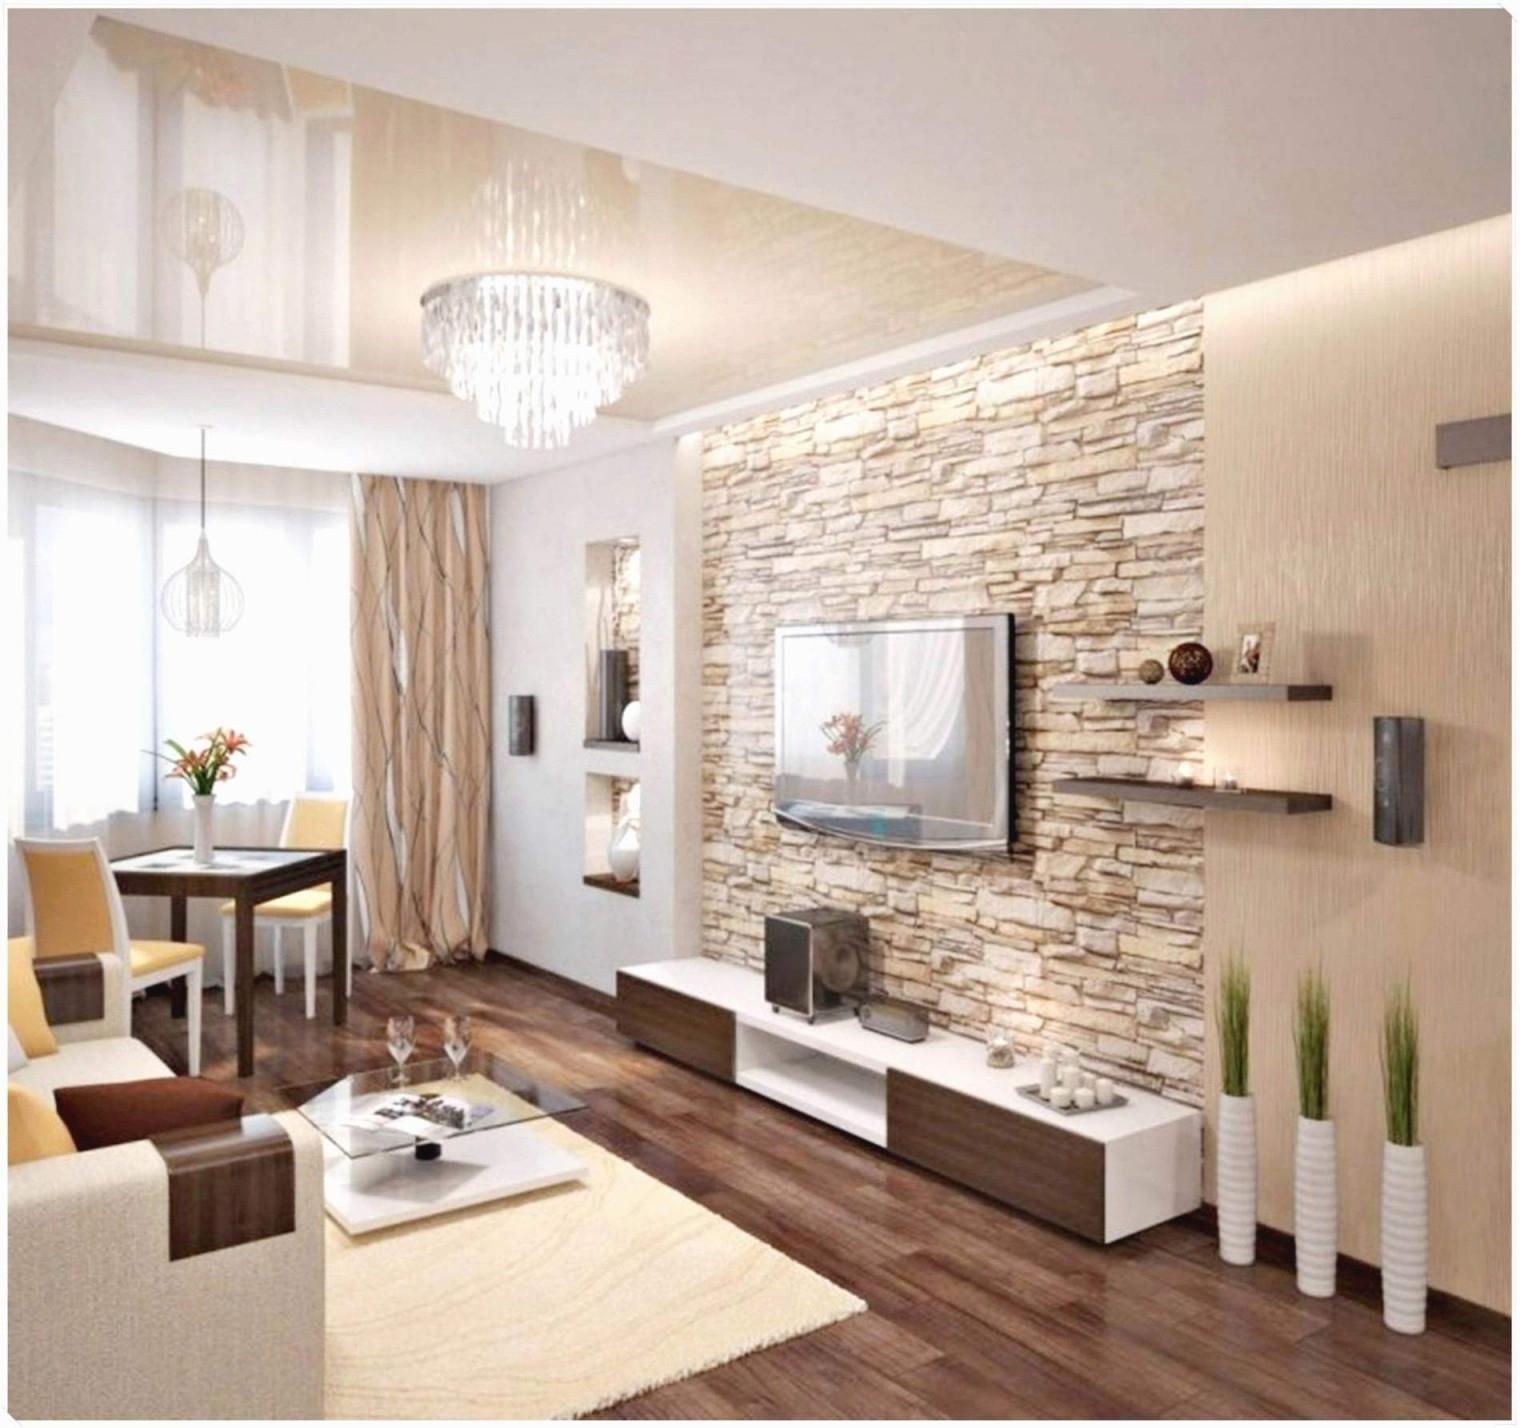 Wände Gestalten Wohnzimmer Genial Coole Teppiche Wohnzimmer von Wohnzimmer Gestalten Wände Bild